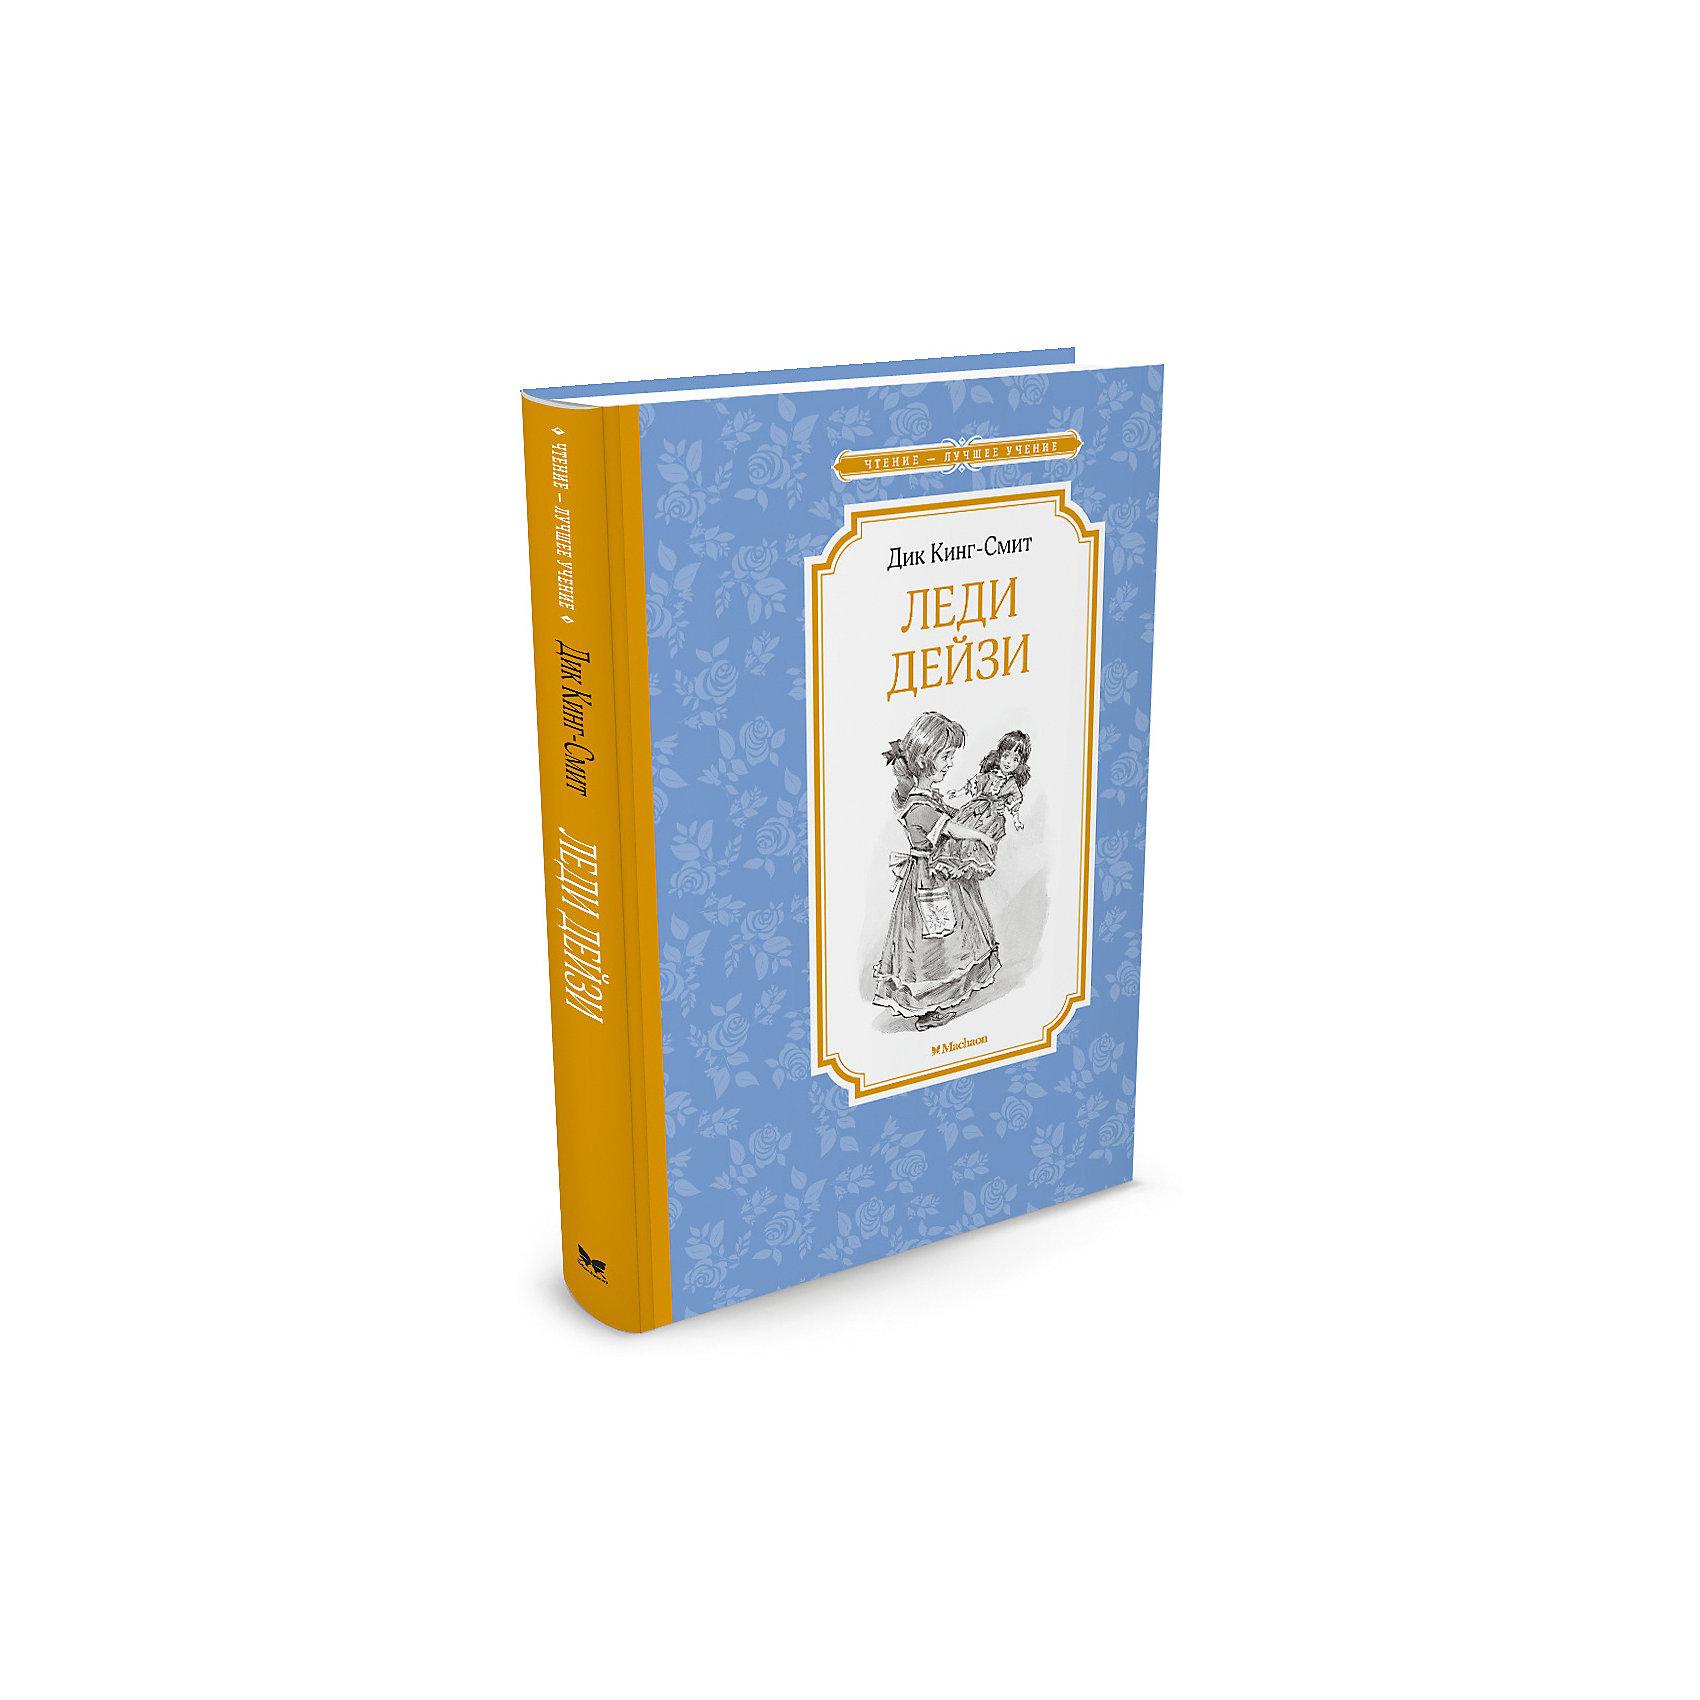 Леди Дейзи, Д. Кинг-СмитДик Кинг-Смит - знаменитый во всем мире английский писатель. Он написал рассказ про забавного и талантливого поросенка Бейба, которого так полюбили и дети, и взрослые. Но у автора есть немало и других замечательных произведений для юных читателей. Одно из них - Леди Дейзи- это трогательная история о дружбе мальчика Неда с... куклой, но куклой не простой, а говорящей. С чего началась такая необычная дружба, какие испытания выпали на долю друзей и чему они их научили, вы узнаете, прочитав эту увлекательную повесть.<br><br>Дополнительная информация:<br><br>Автор: Дик Кинг-Смит;<br>Формат: 21х14 см;<br>Переплет: твердый переплет;<br>Страниц: 176;<br>Вес: 279 г.;<br>Производитель: Махаон, Россия.<br>Год выпуска: 2016;<br><br>Произведение Леди Дейзи можно купить в нашем магазине.<br><br>Ширина мм: 210<br>Глубина мм: 140<br>Высота мм: 12<br>Вес г: 279<br>Возраст от месяцев: 84<br>Возраст до месяцев: 120<br>Пол: Унисекс<br>Возраст: Детский<br>SKU: 4725971